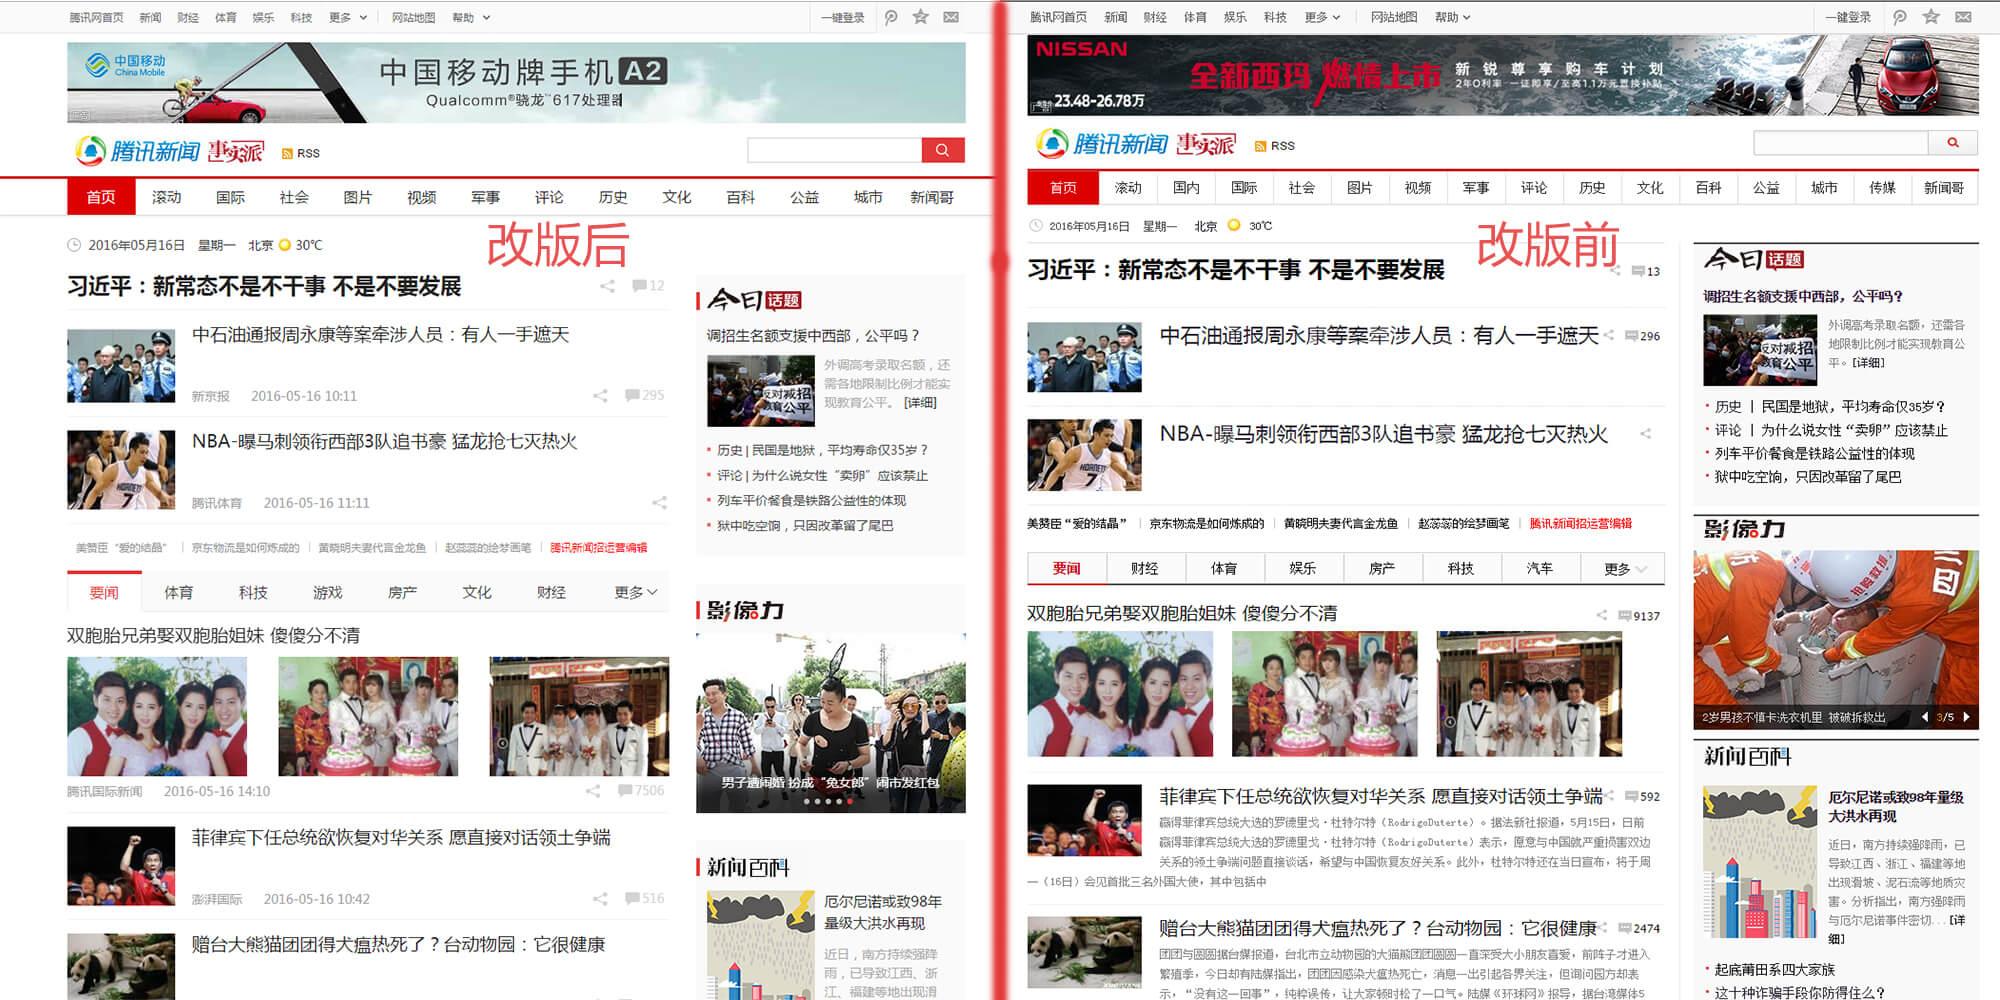 腾讯图片新闻站_腾讯新闻中心首页改版啦-蚊子-前端博客